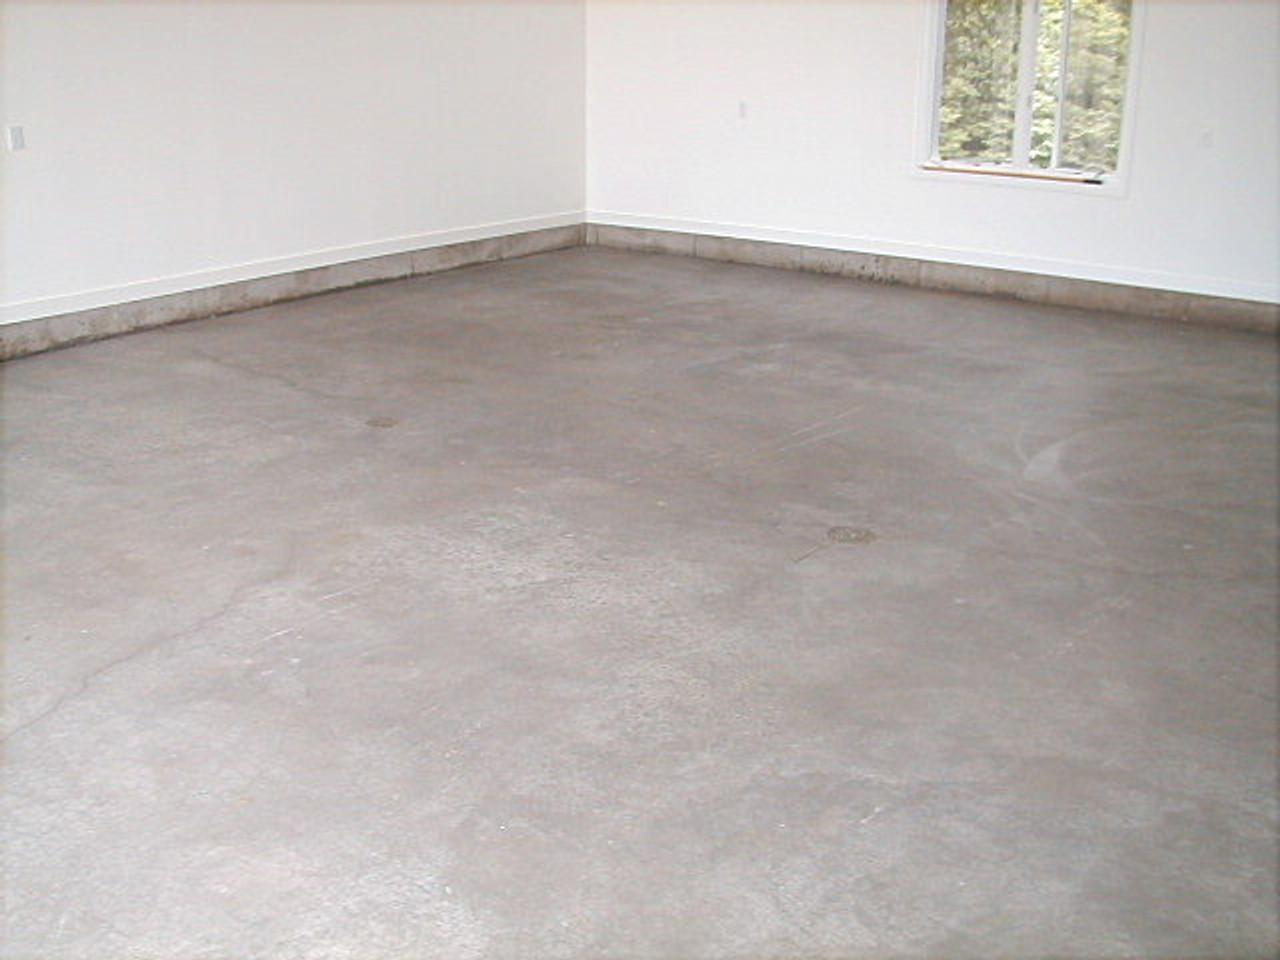 SealGreen Garage Floor Sealer does not change the original look of the concrete